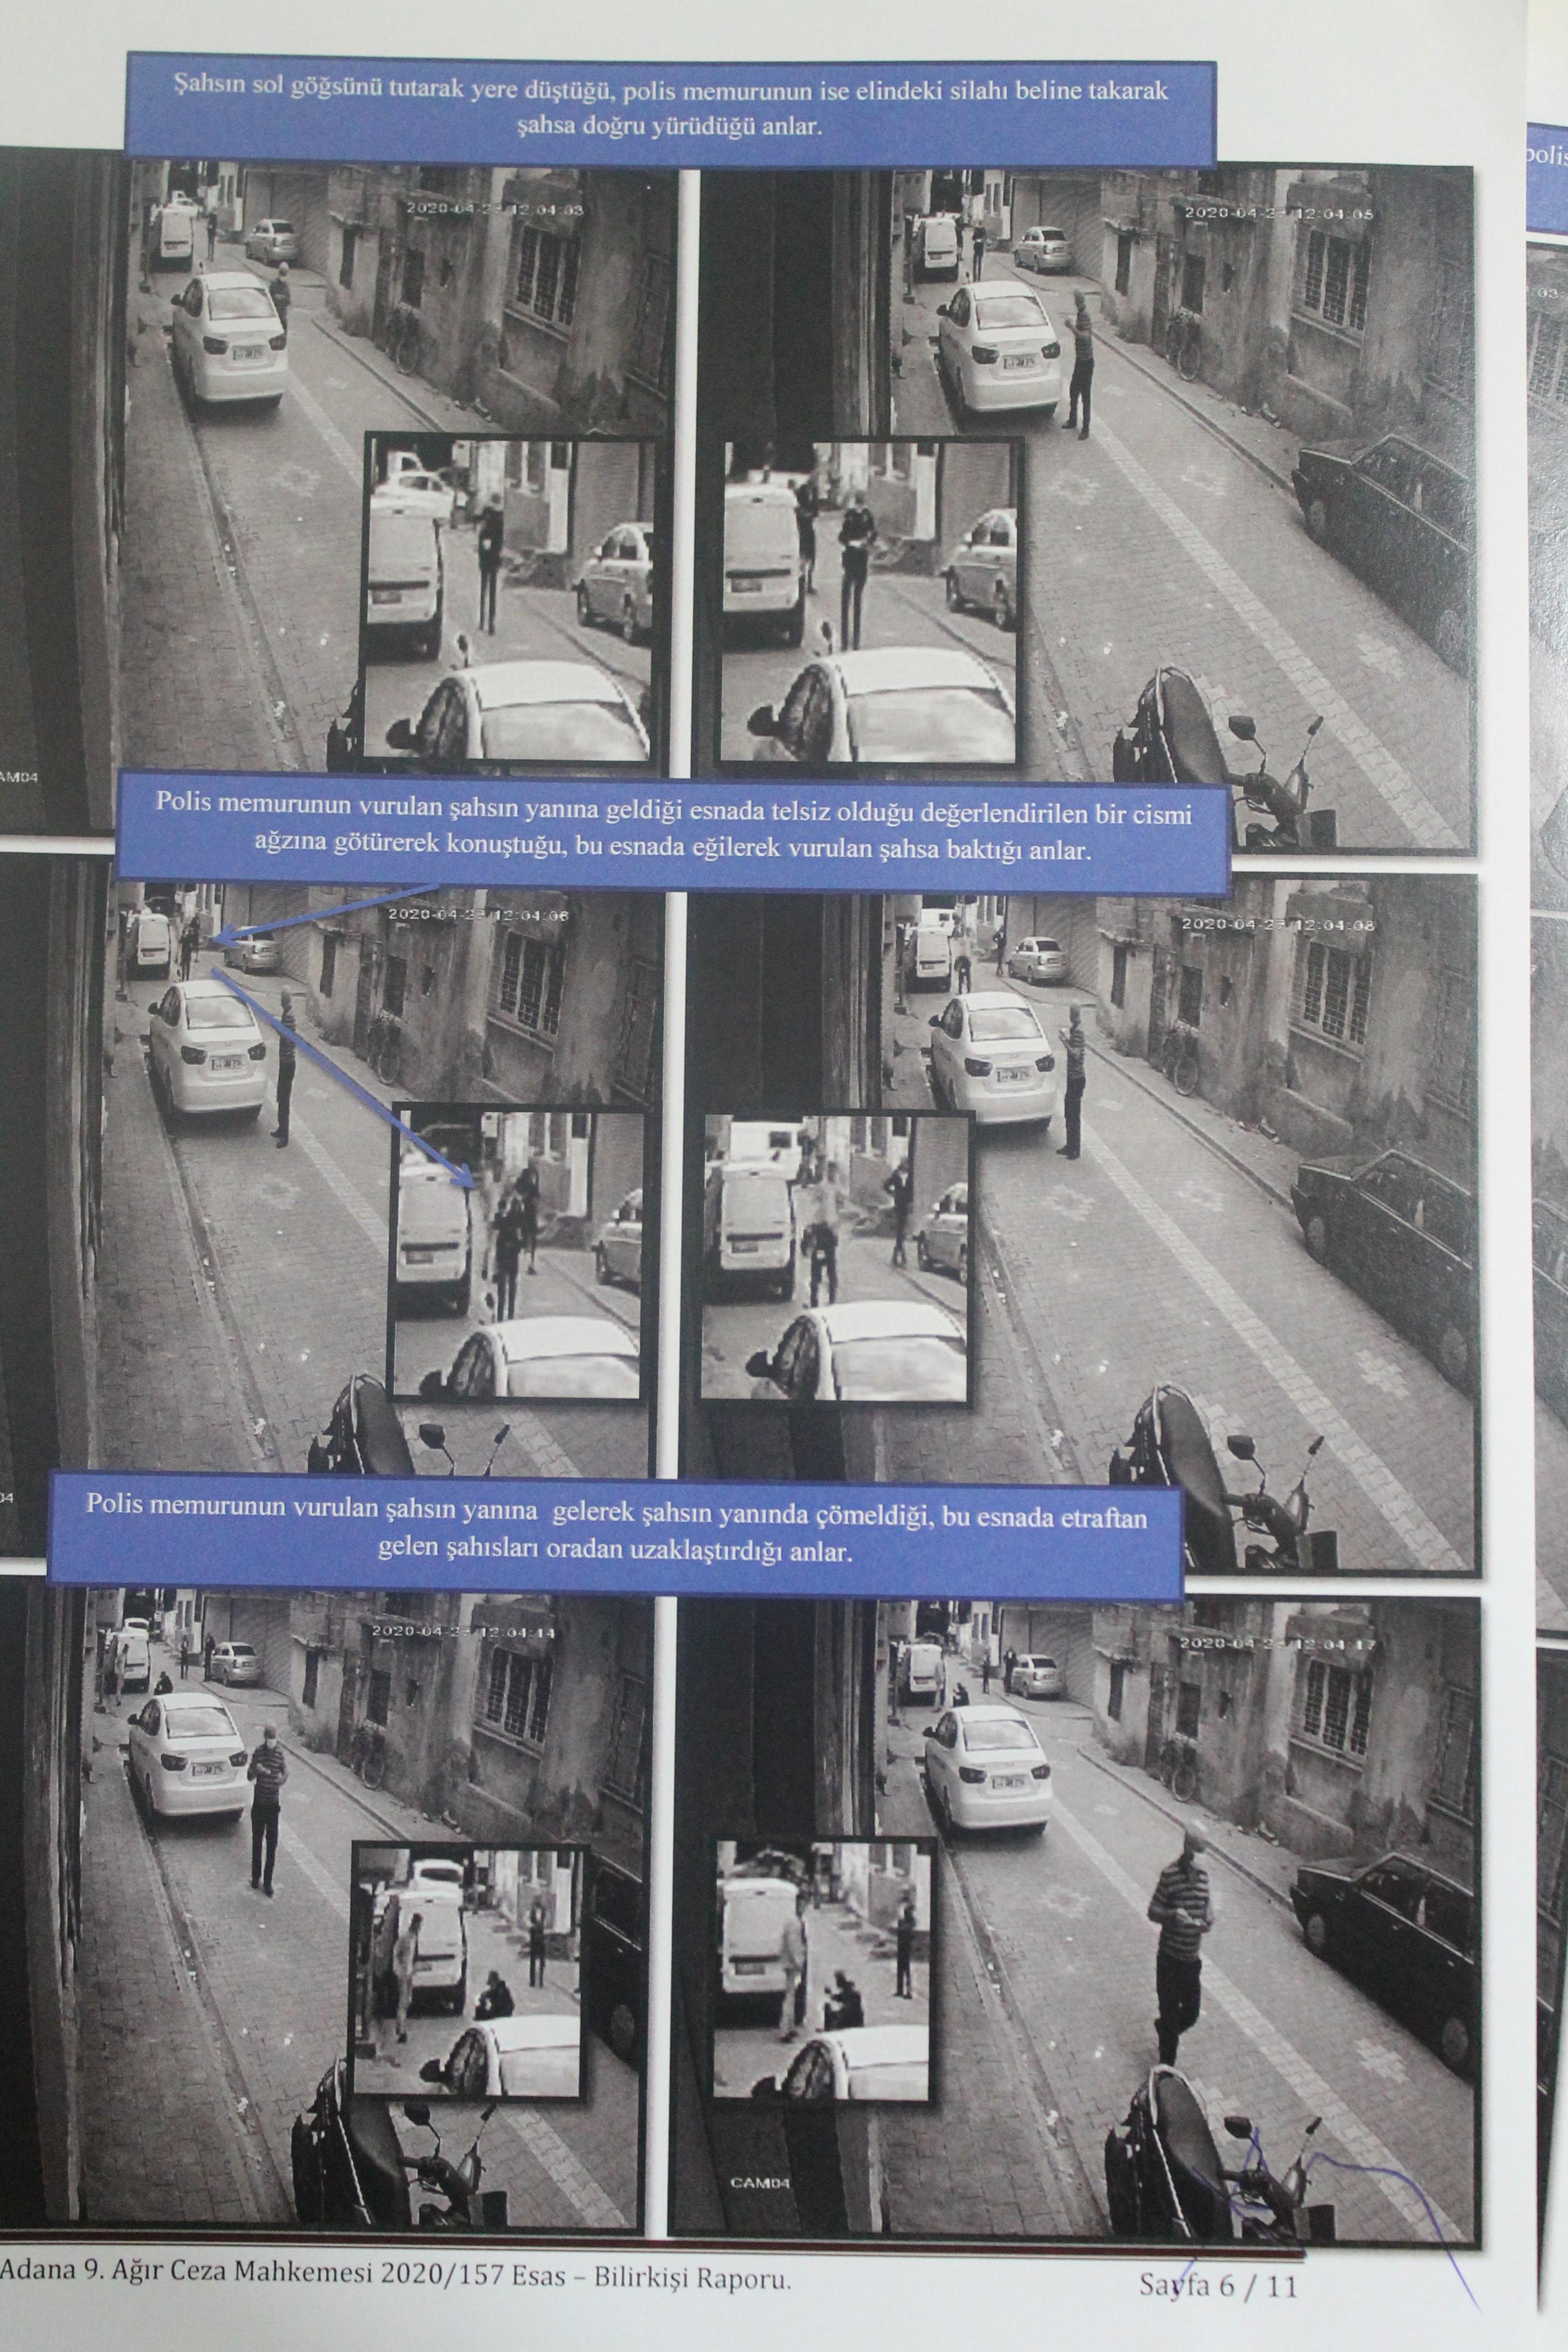 Ali El Hemdan'ın vurulduğu ana dair görüntüler